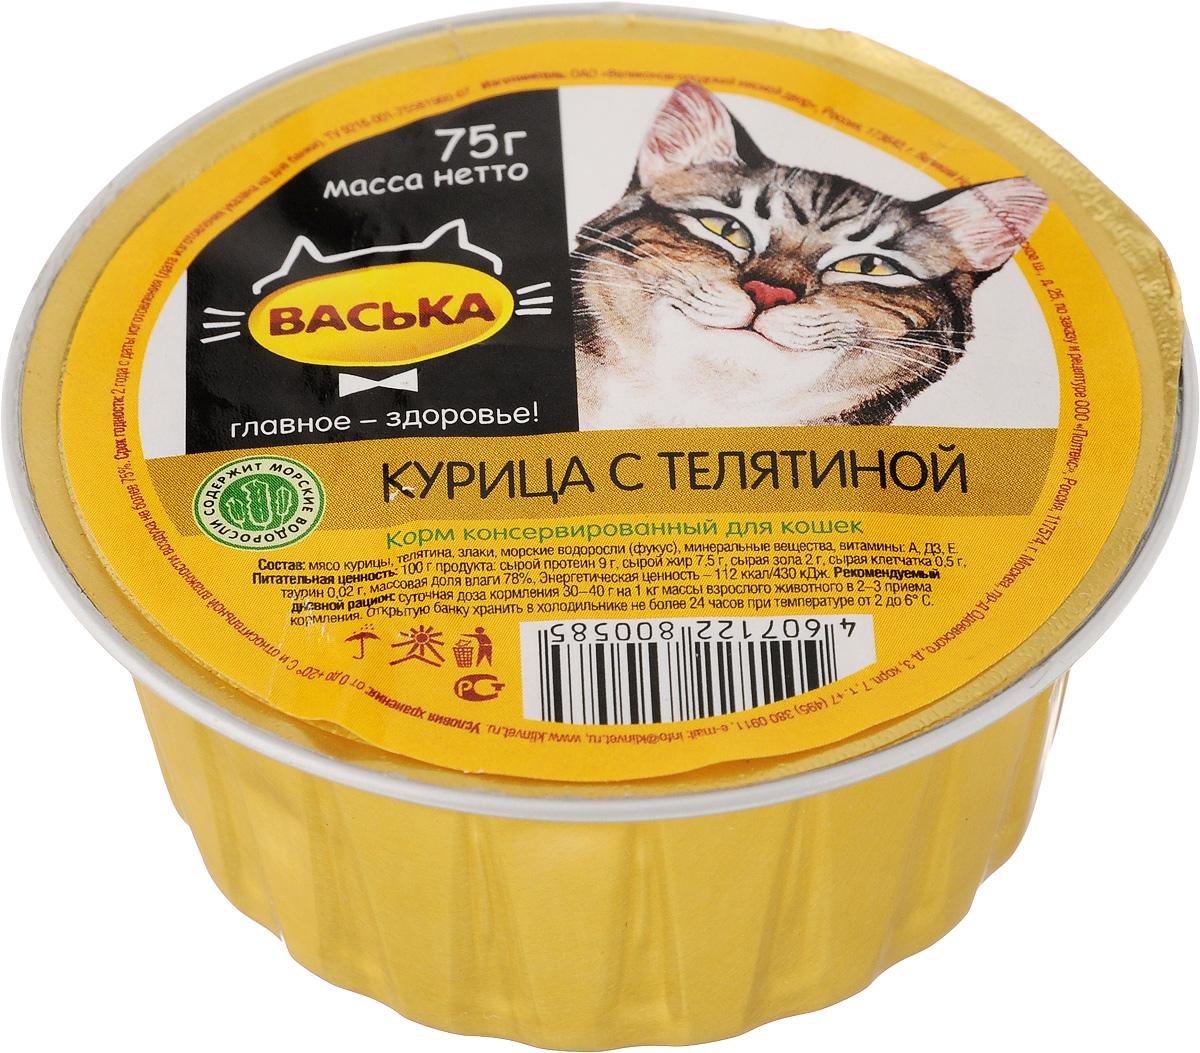 Консервы для кошек Васька, курица и телятина, 75 г0585Консервированный корм Васька - это сбалансированное и полнорационное питание, которое обеспечит вашего питомца необходимыми белками, жирами, витаминами и микроэлементами. Нежный паштет порадует кошек любых возрастов и вкусовых предпочтений. Высокий процент содержания влаги в продукте является отличной профилактикой возникновения мочекаменной болезни. Корм абсолютно натуральный, не содержит ГМО, ароматизаторов и искусственных красителей. Удобная одноразовая упаковка сохраняет корм свежим и позволяет контролировать порцию потребления.Товар сертифицирован.